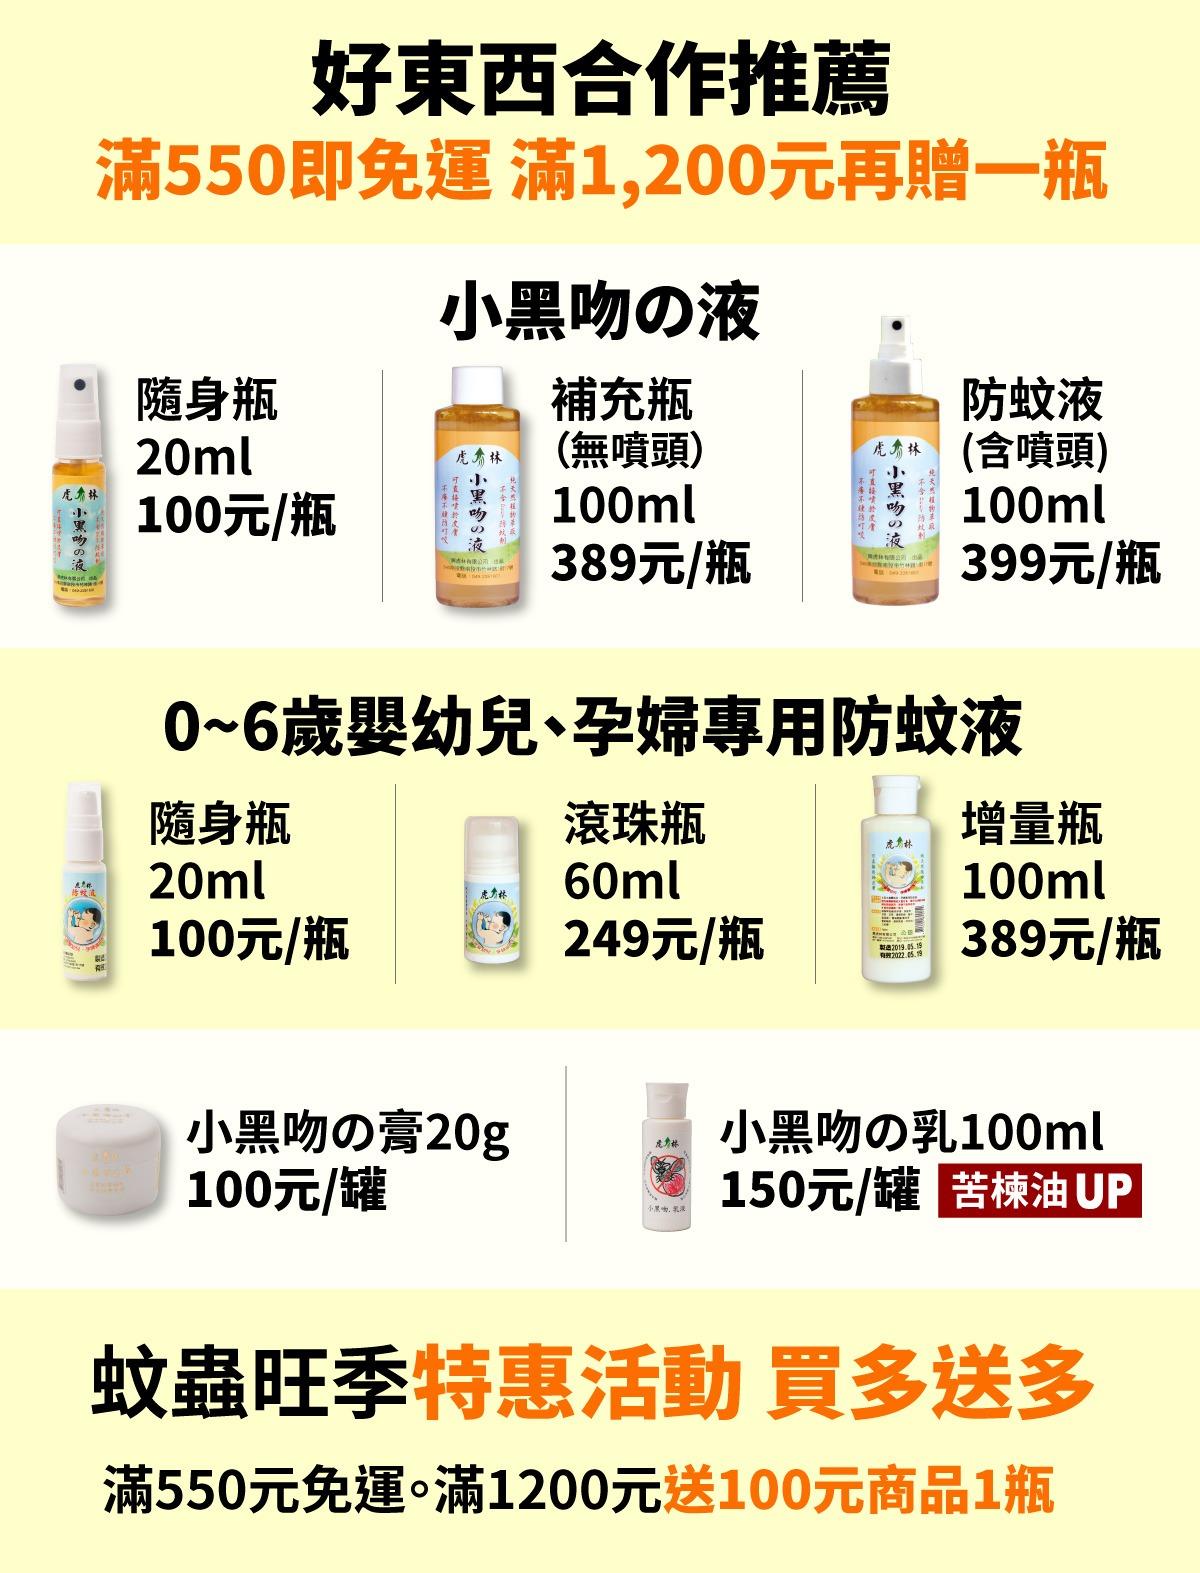 虎林防蚊液系列產品滿550元免運費,滿1200元再送1瓶